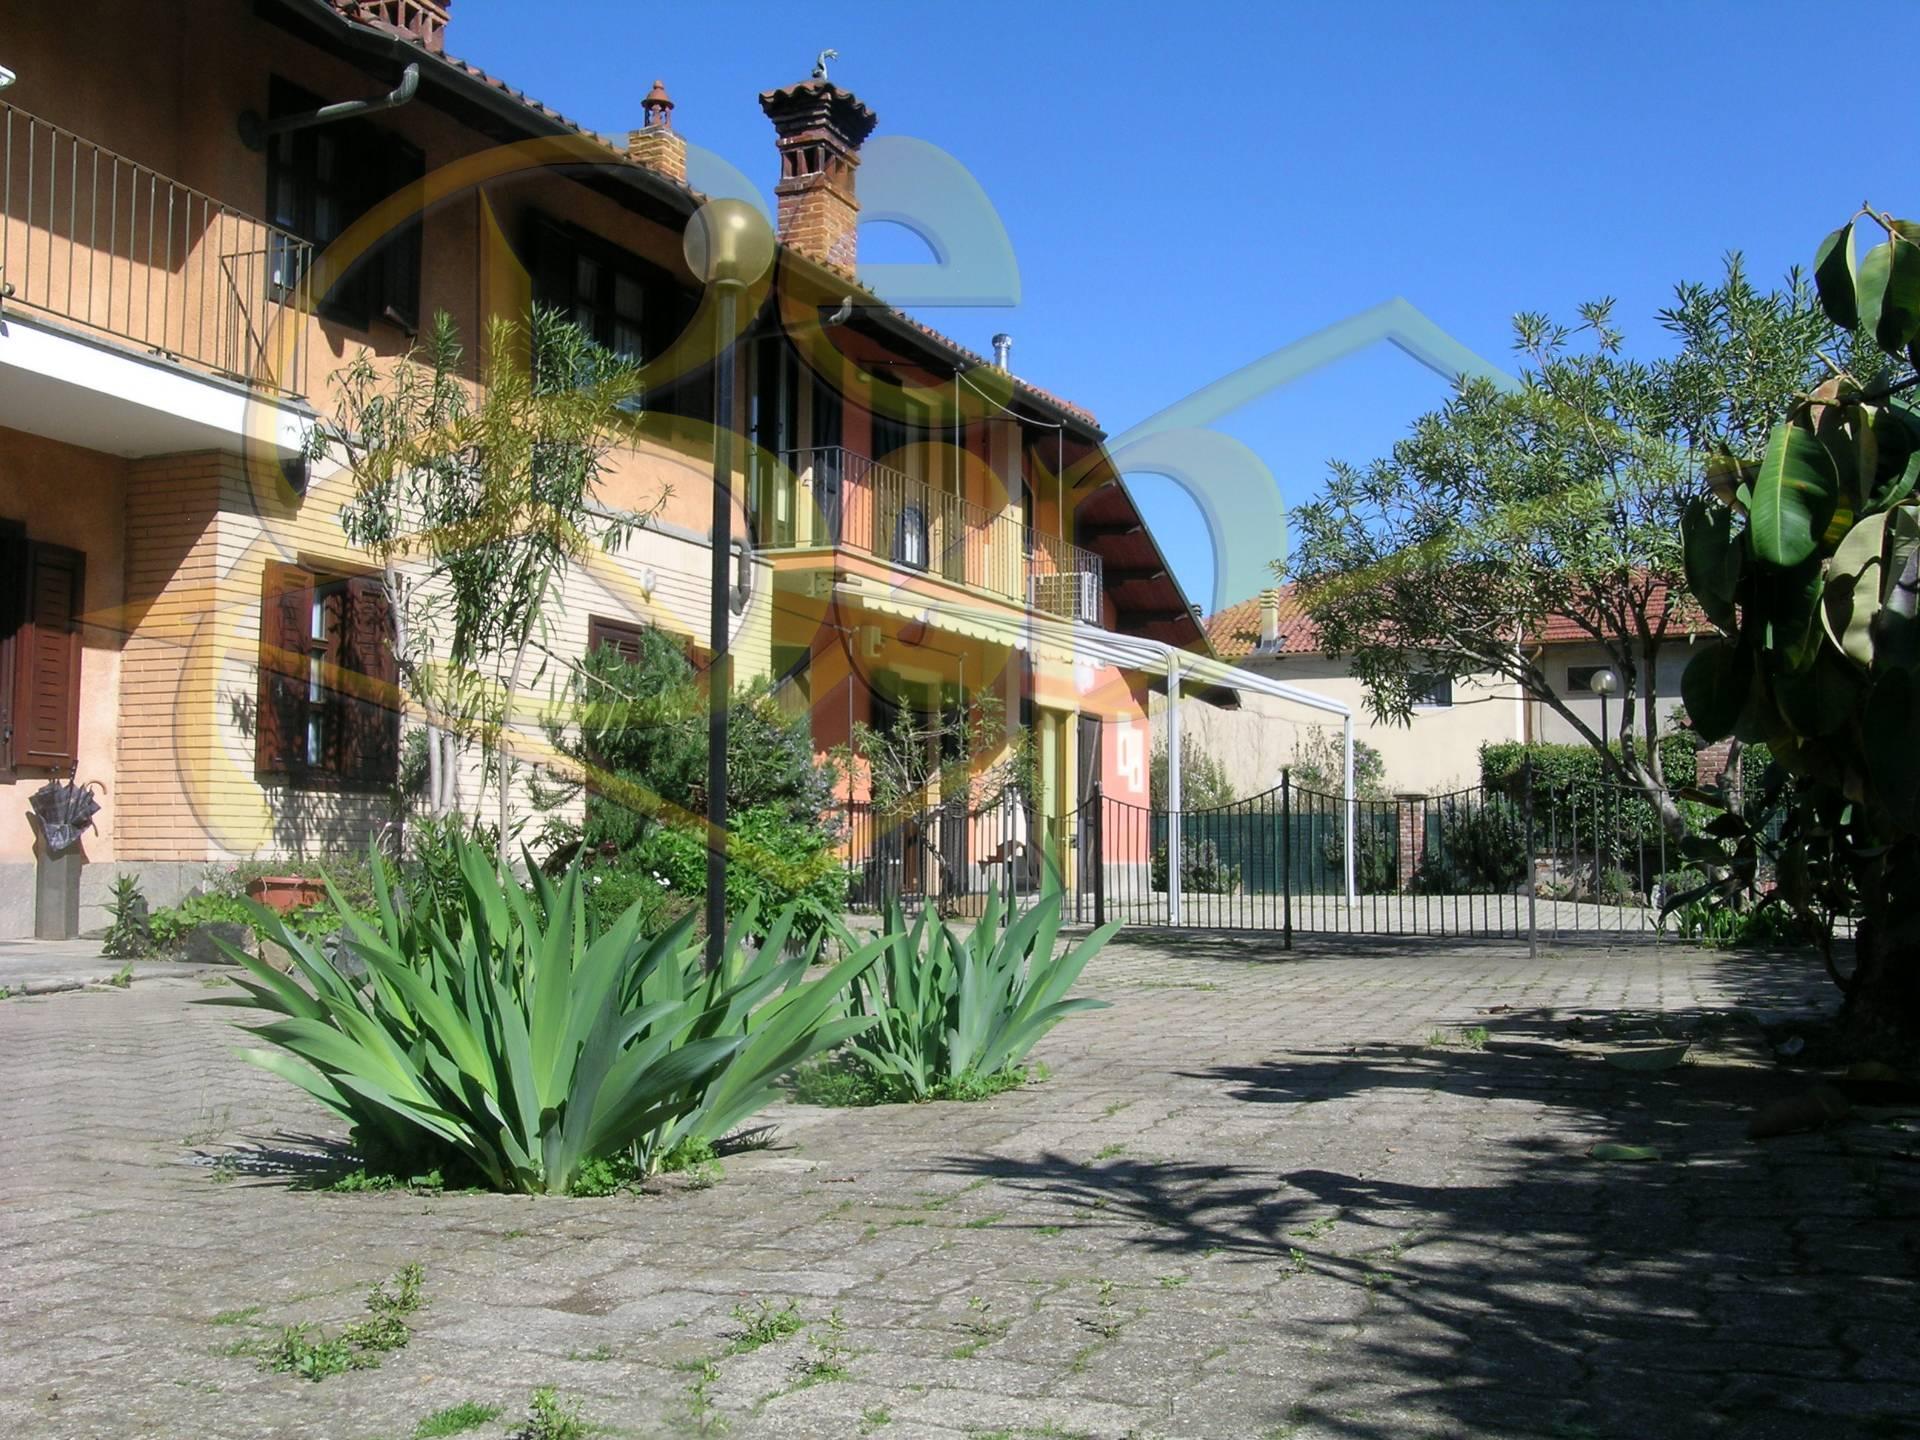 Rustico / Casale in vendita a Rivoli, 5 locali, zona Località: centrostorico, prezzo € 265.000 | CambioCasa.it